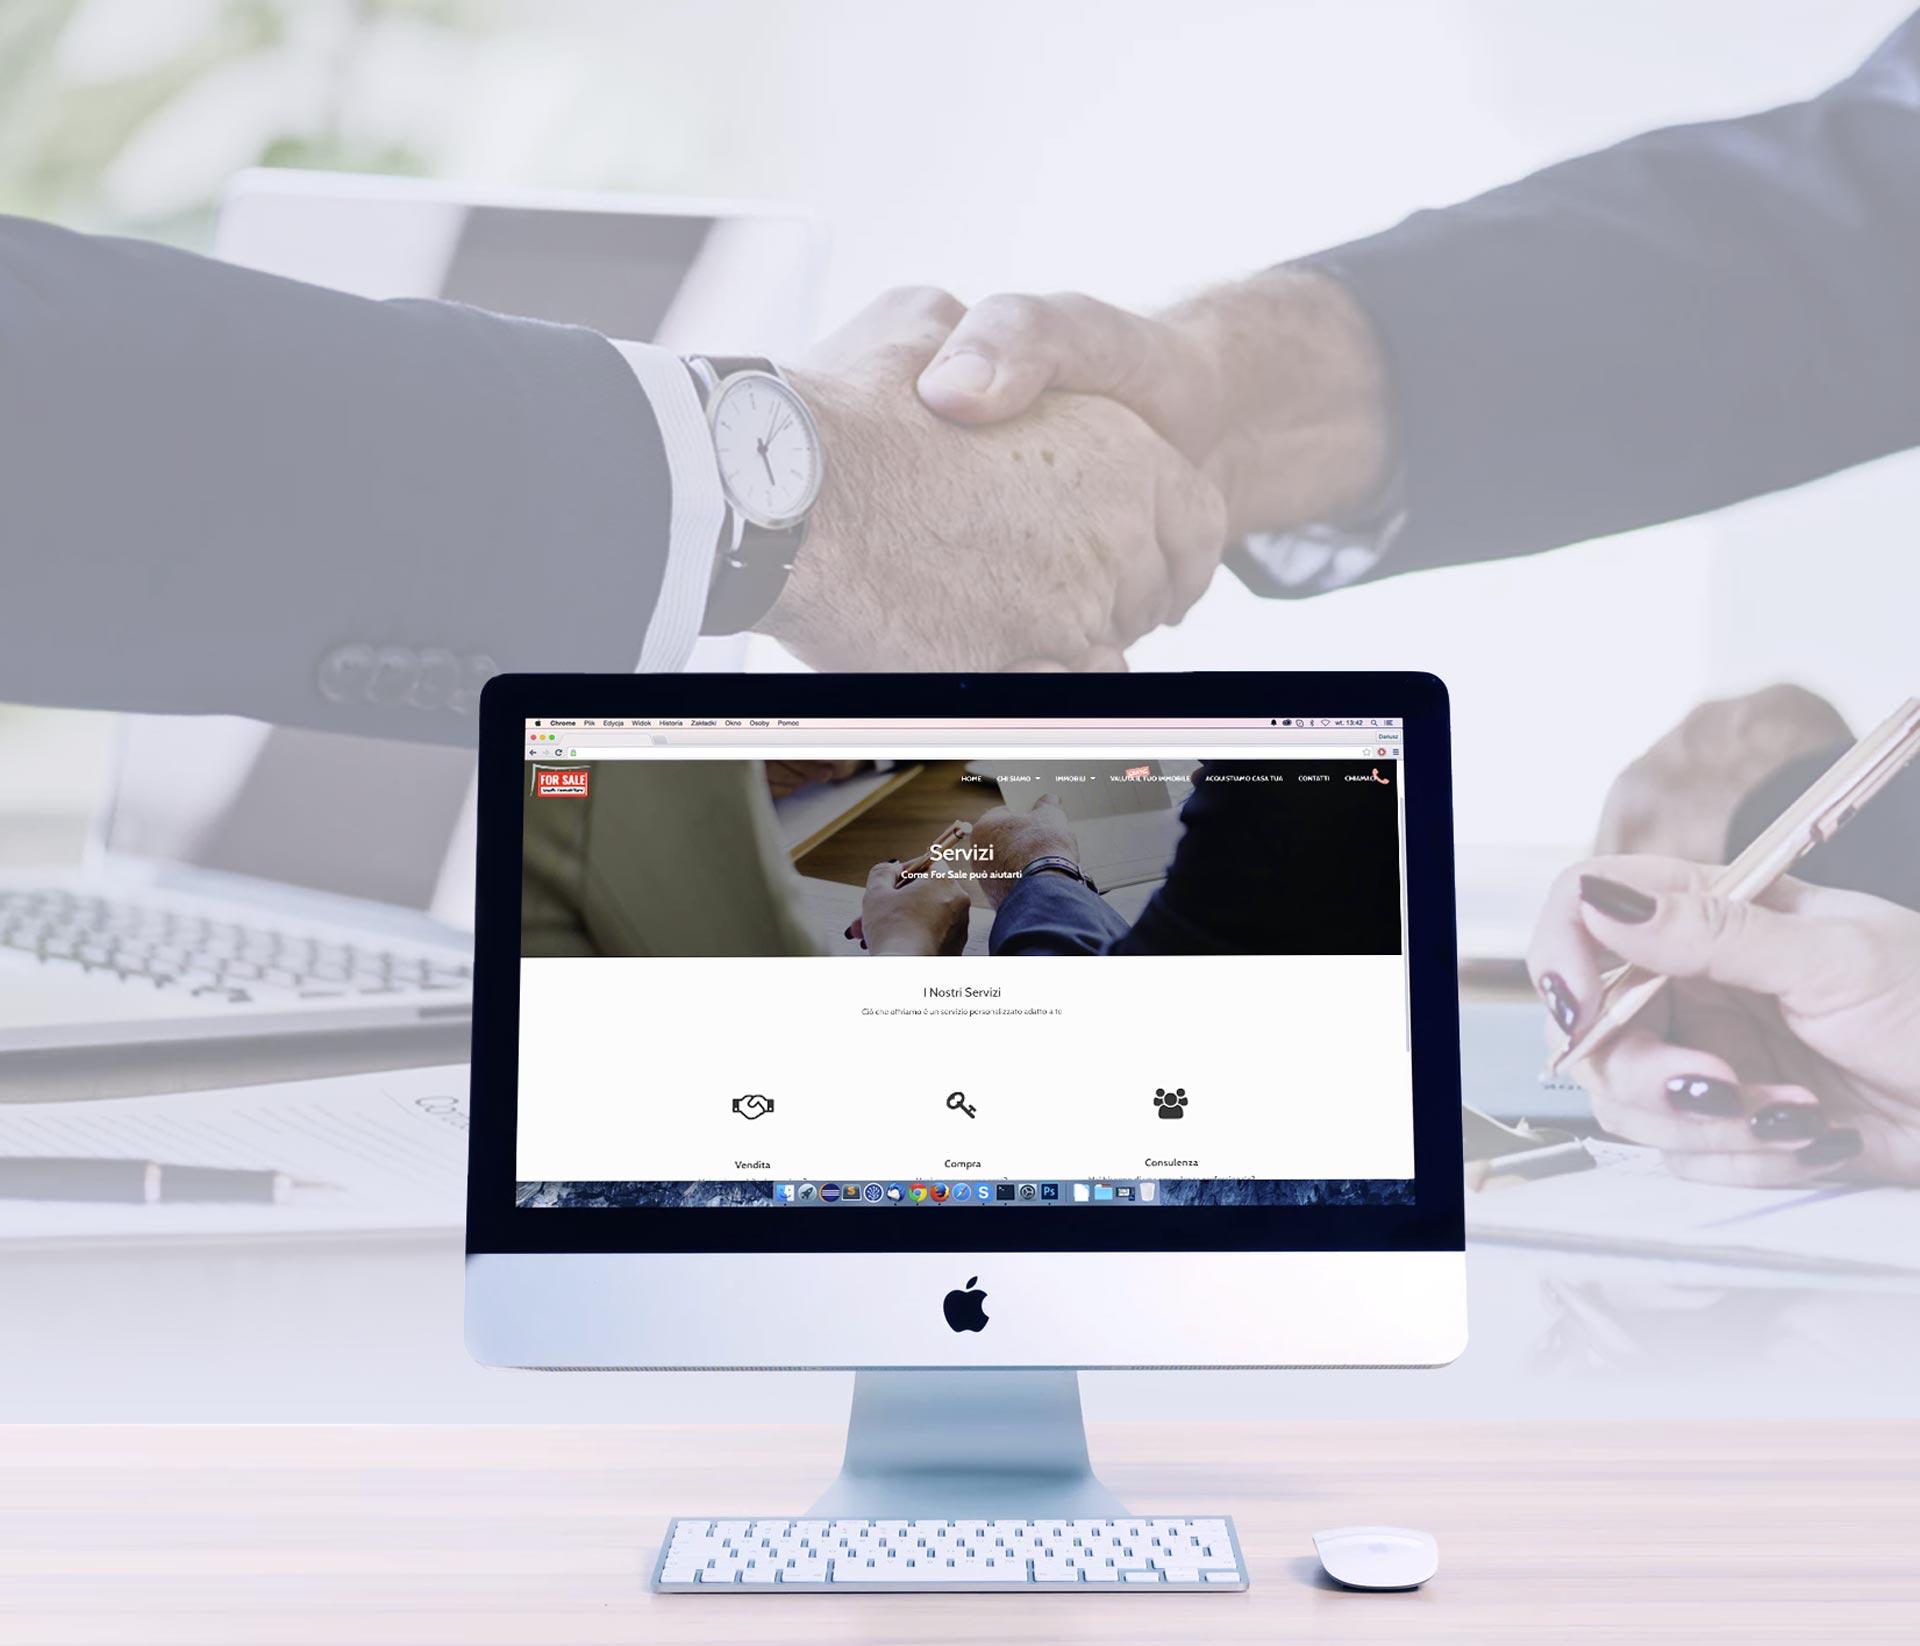 Sito web Mono pagina For Sale Studio Immobiliare Rivoli pagina servizi